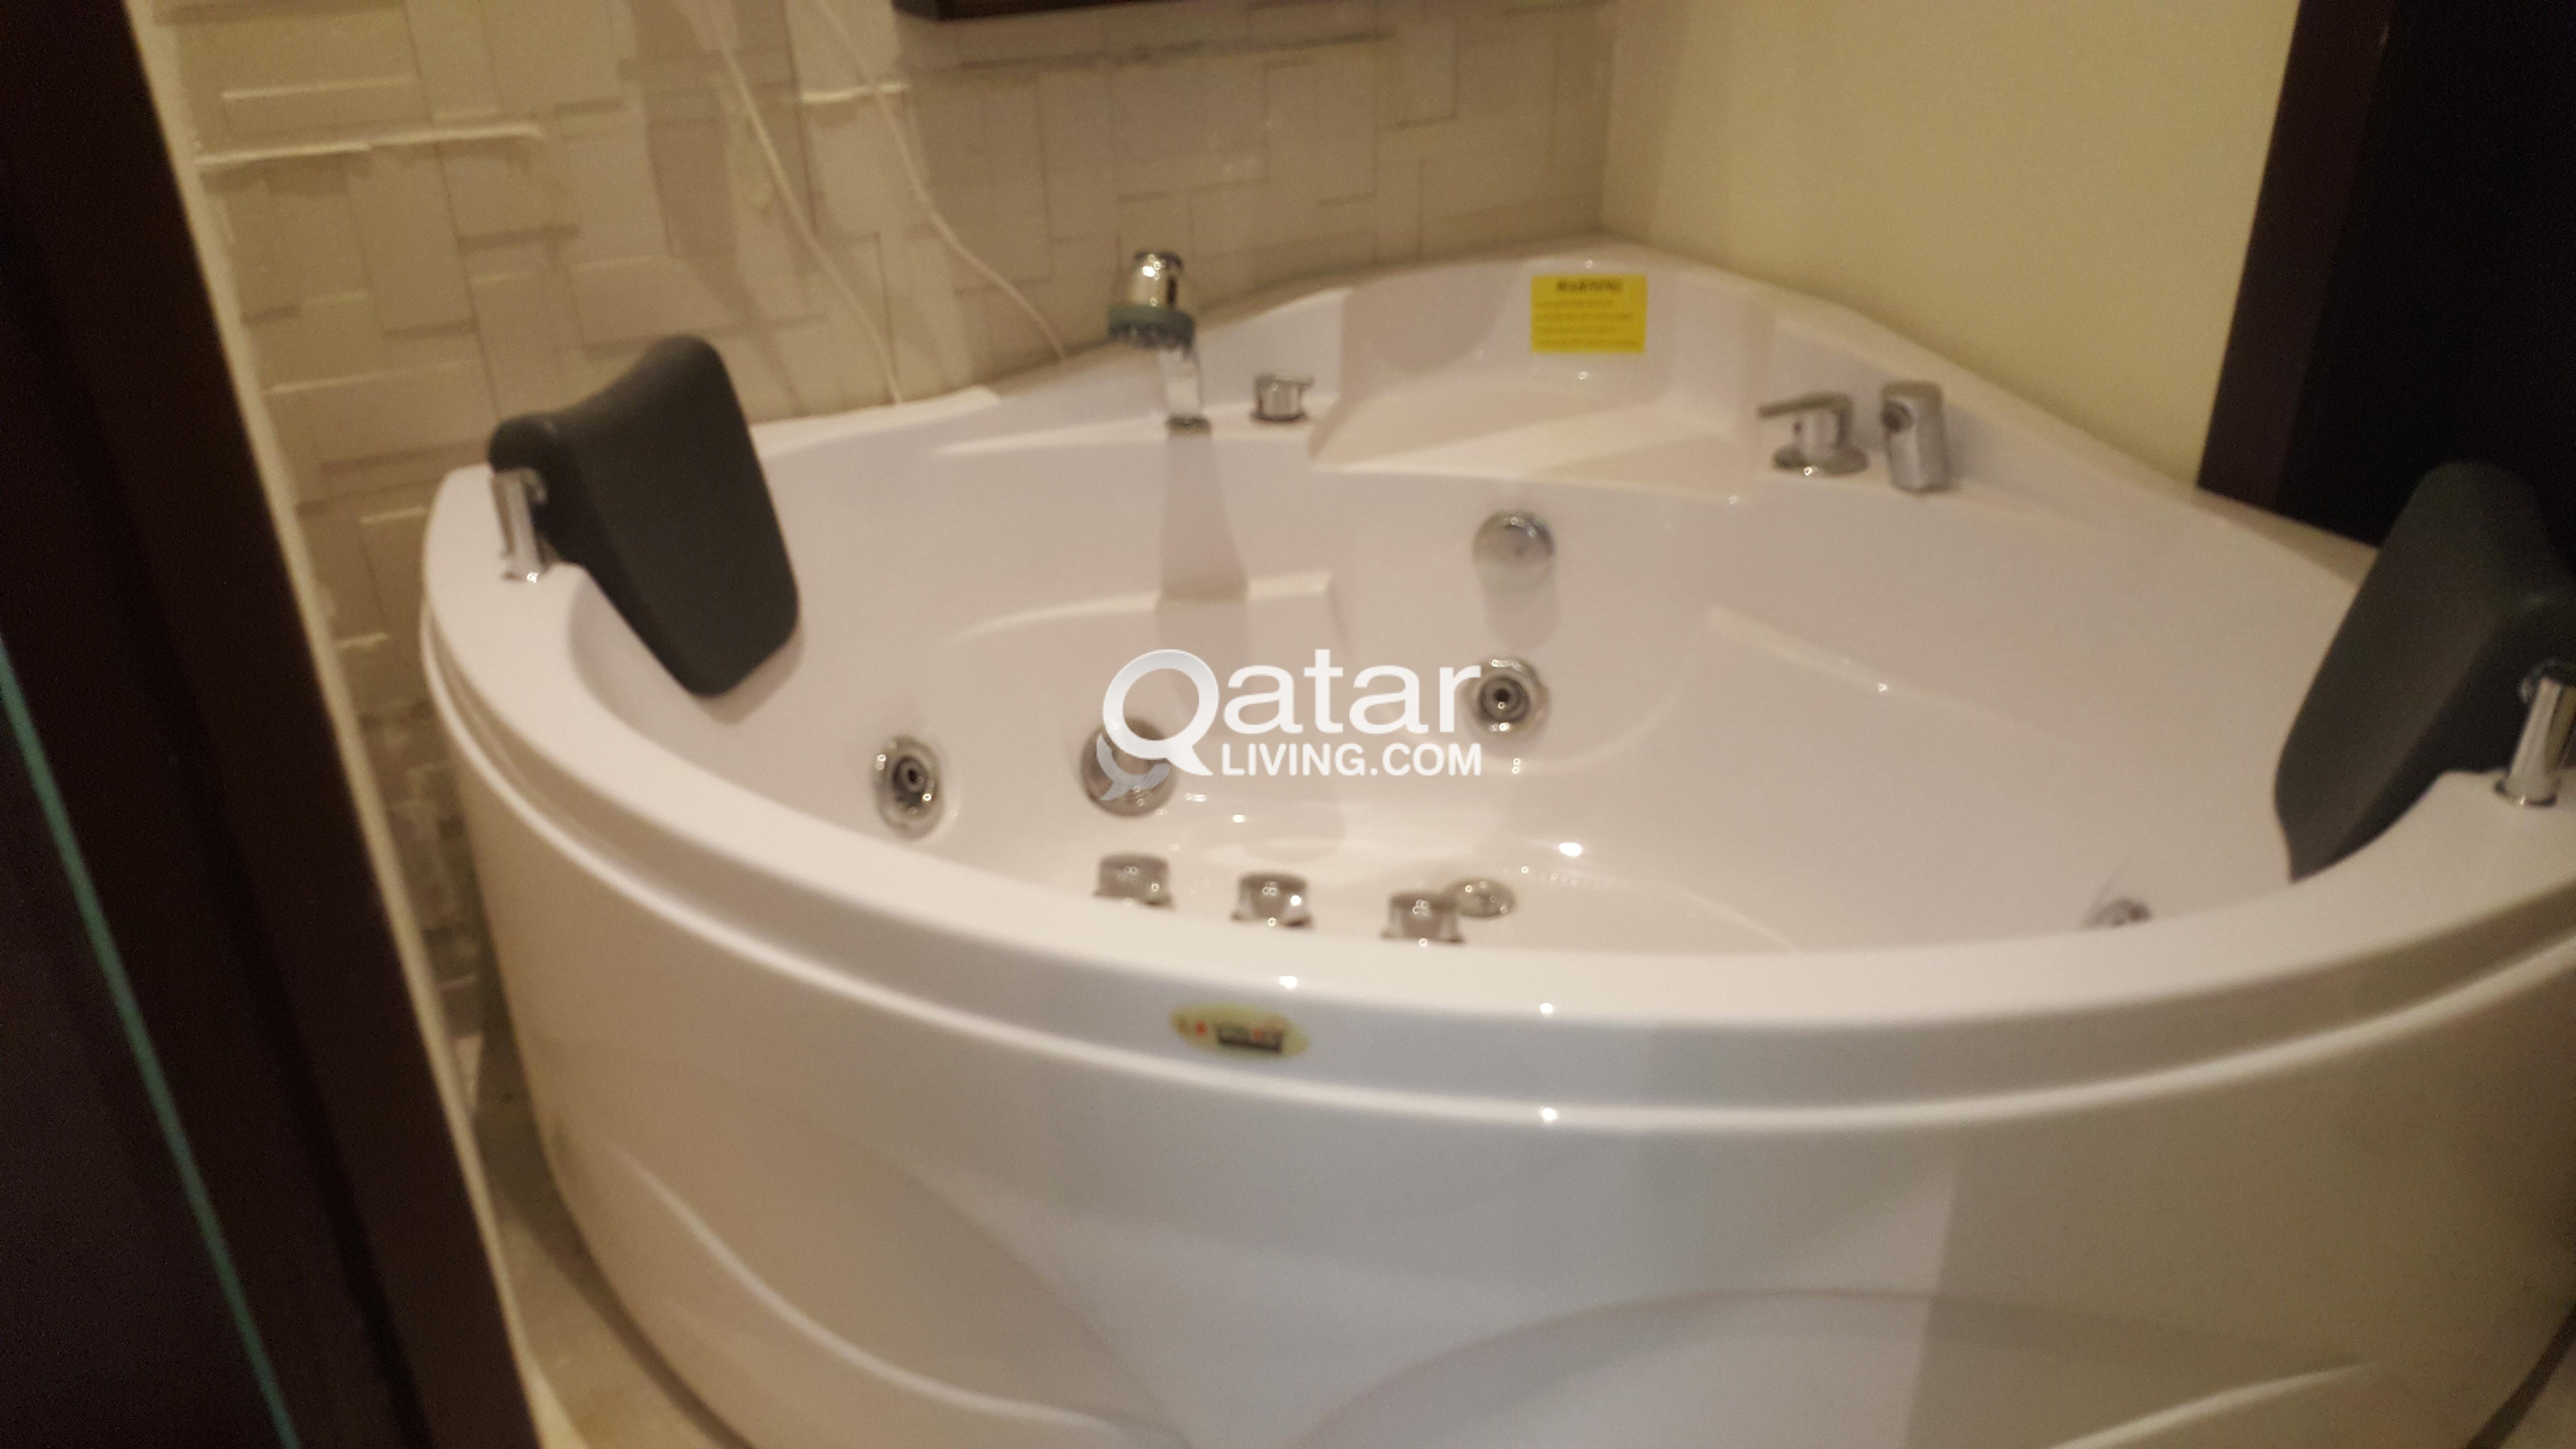 Jacuzzi Bath Tub - PRICE REDUCED | Qatar Living